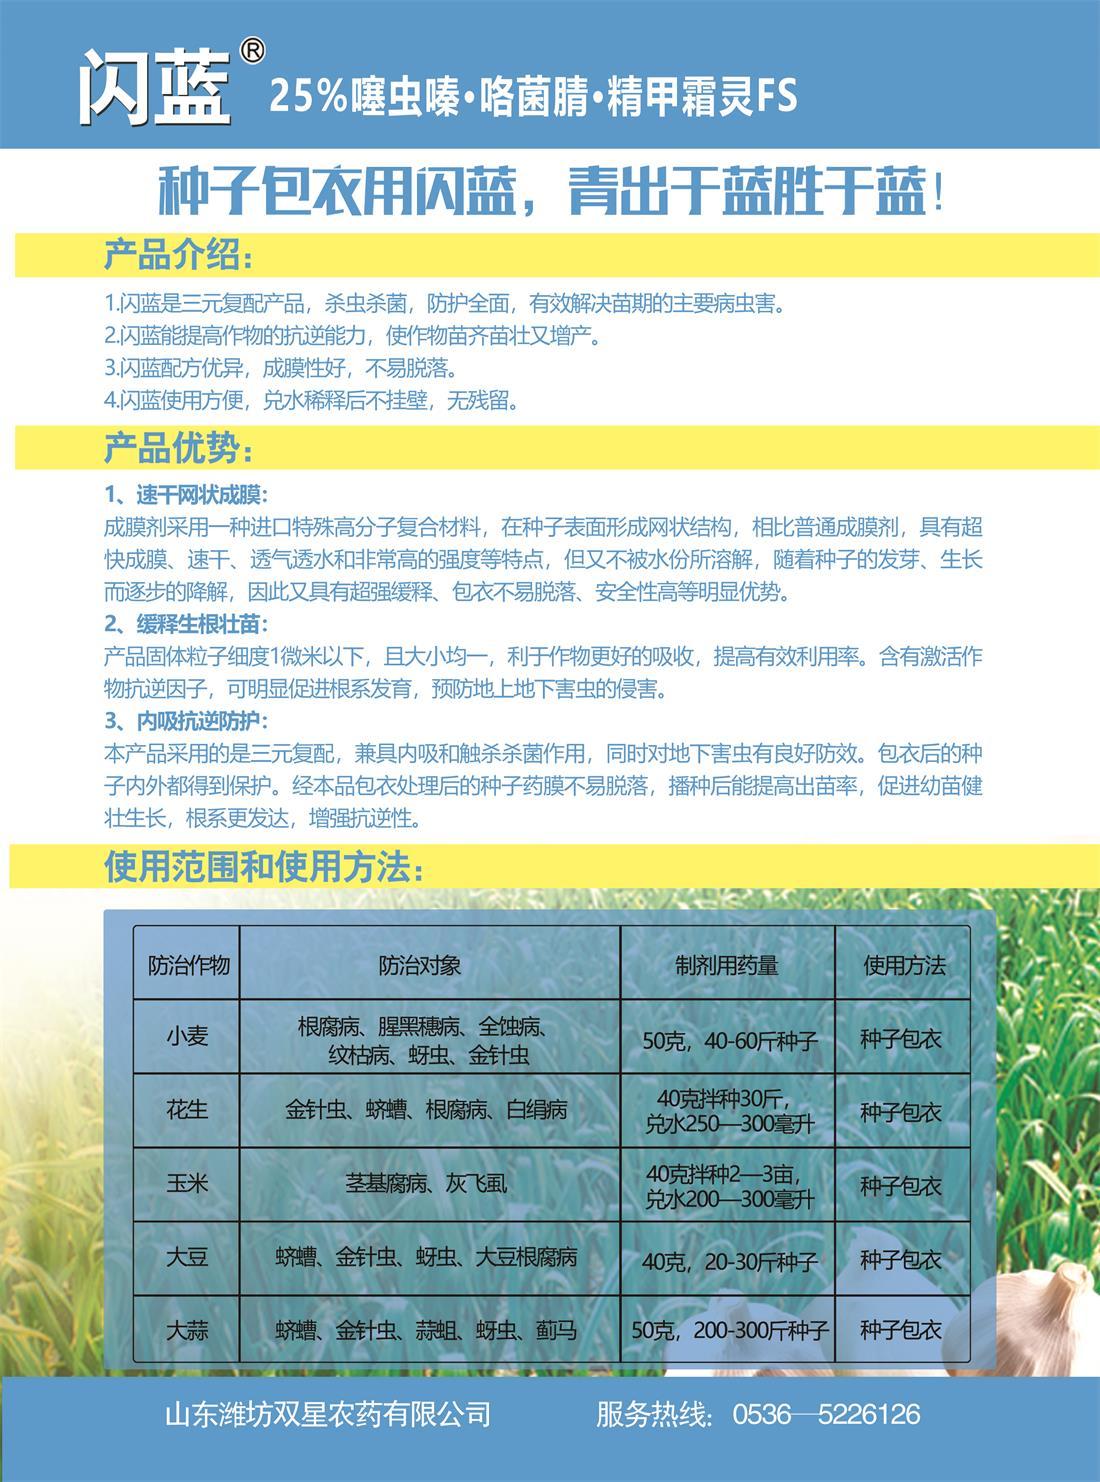 闪蓝单页反面(大蒜)21.6-29.1.jpg